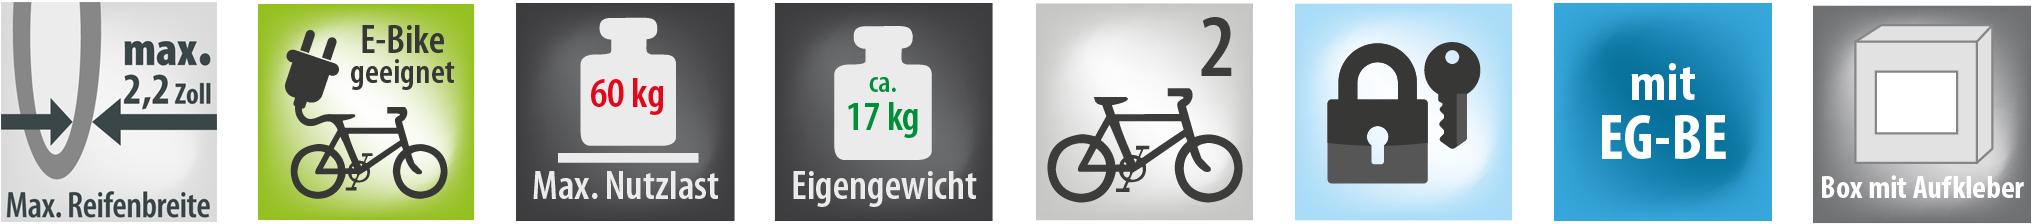 Fahrradtraeger PREMIUM